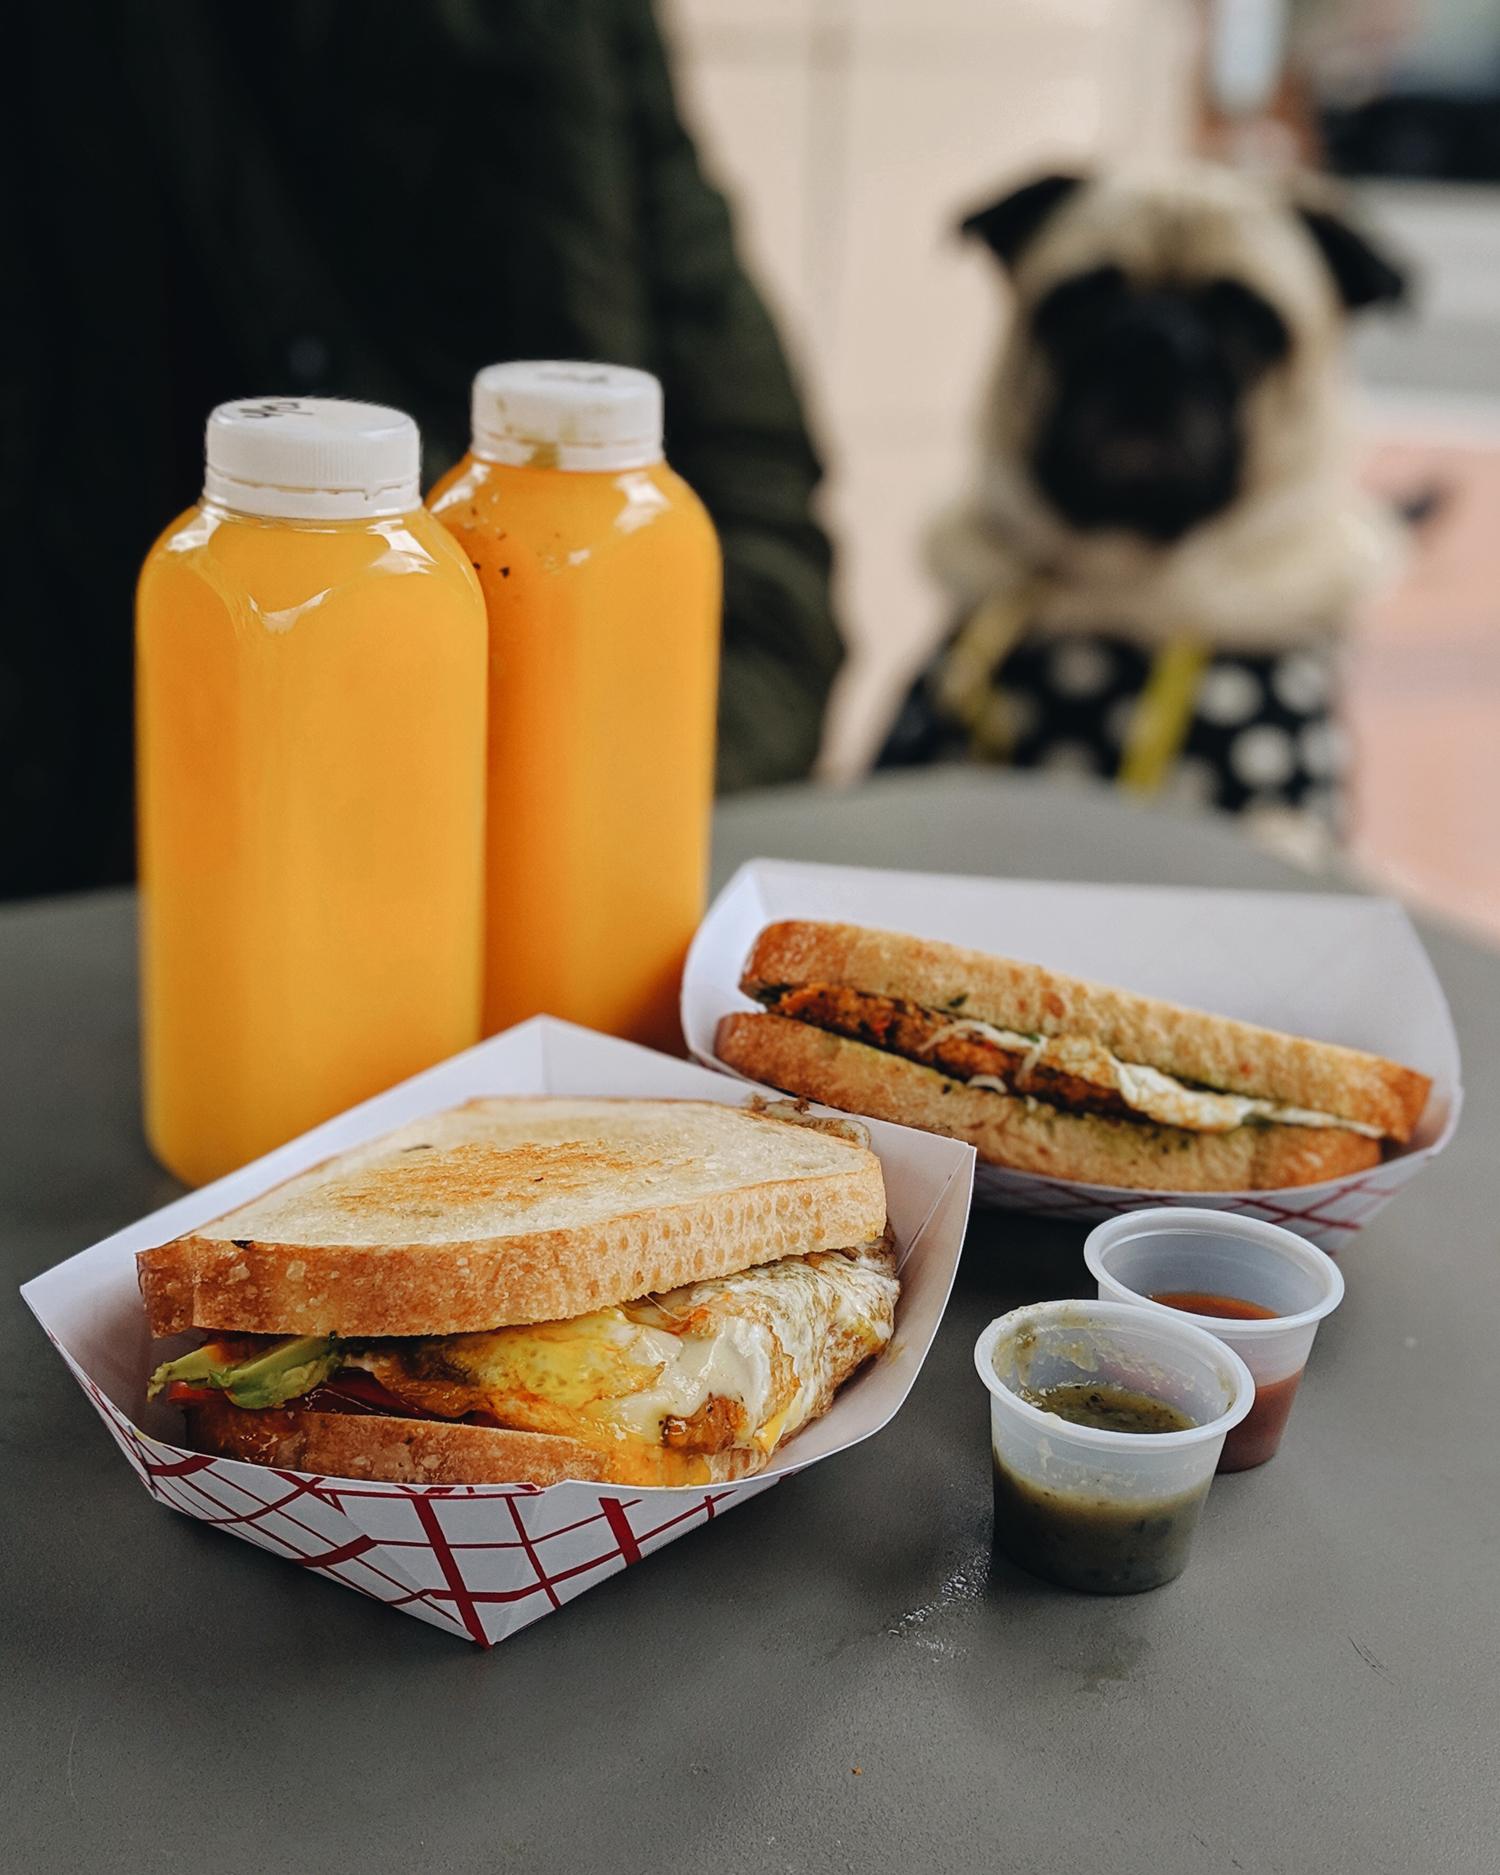 Portland-dogfriendly-travel-travelwithyourdog-woodenshoetulipfestival-2019-dogstraveling-dogblog-pug-dogmomblog-newyorkblog-visitportland9.jpg